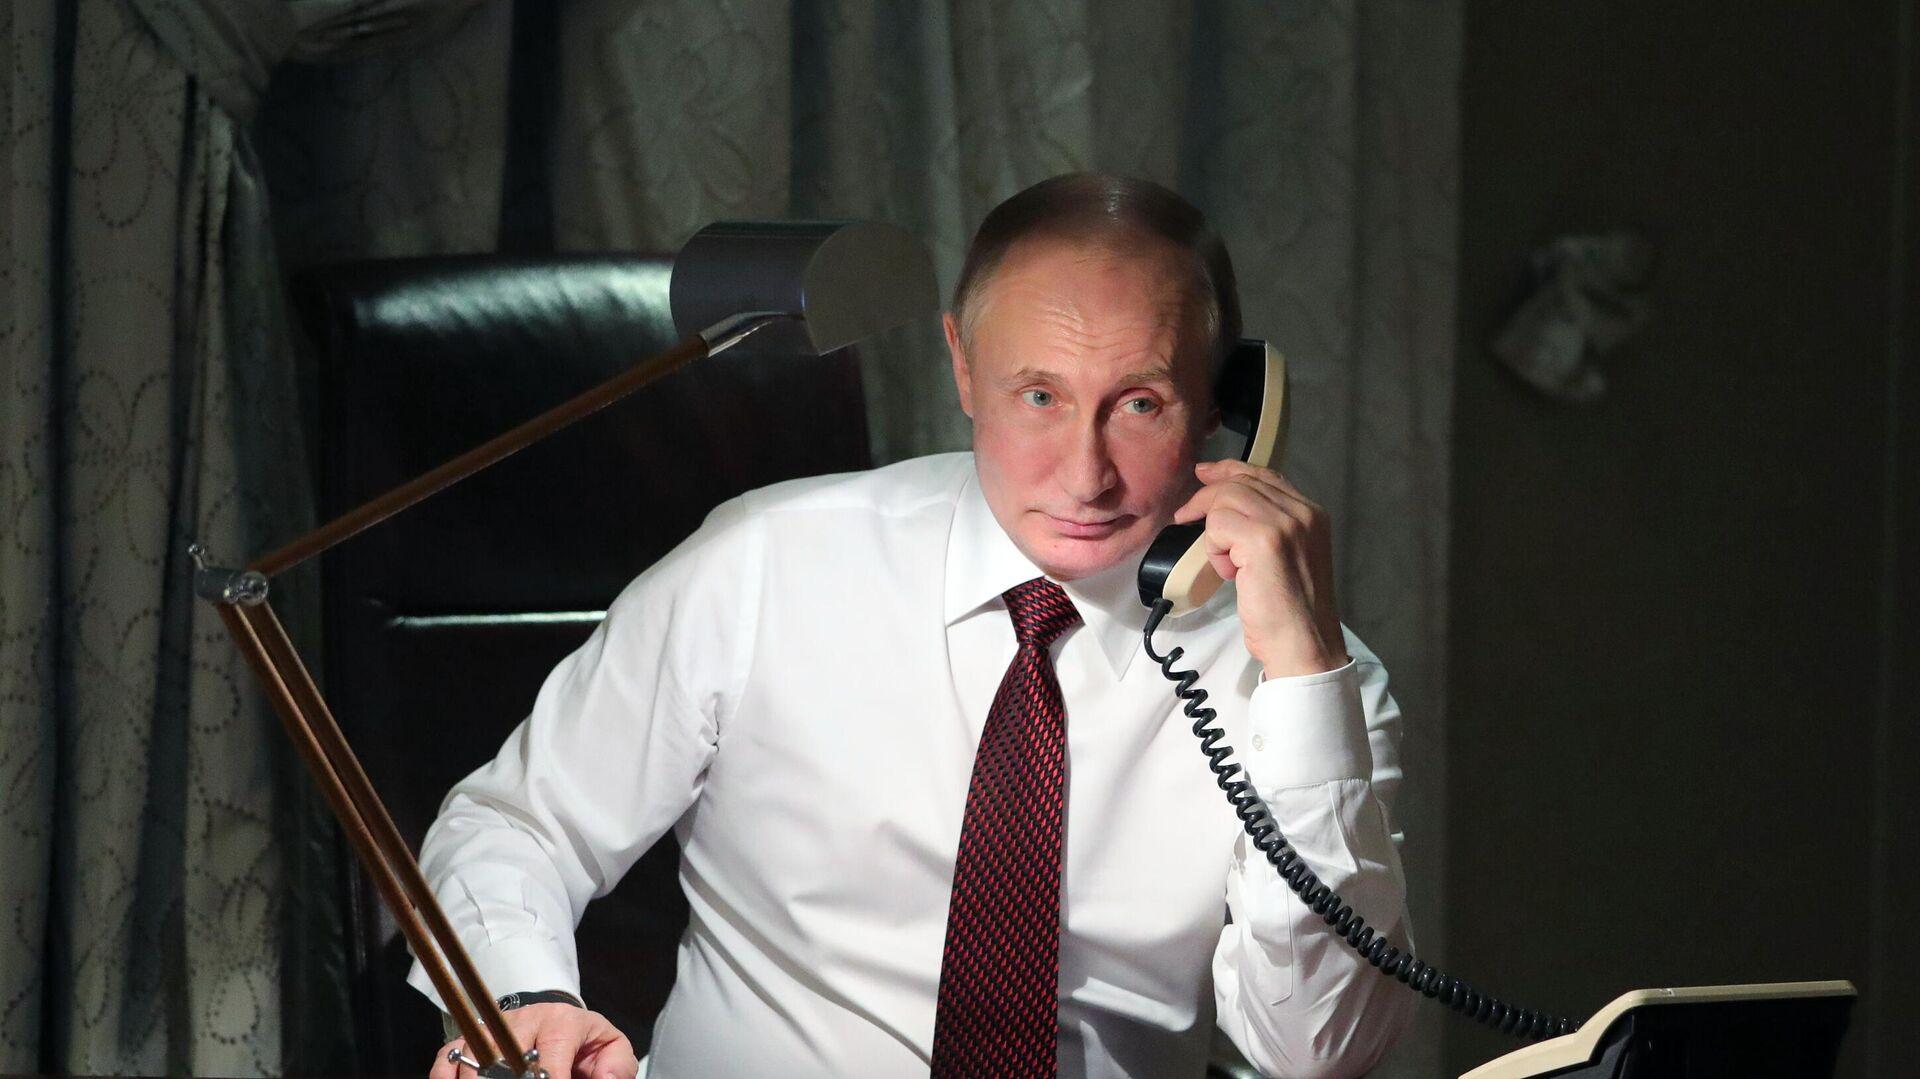 Президент РФ Владимир Путин во время телефонного разговора - РИА Новости, 1920, 25.11.2020